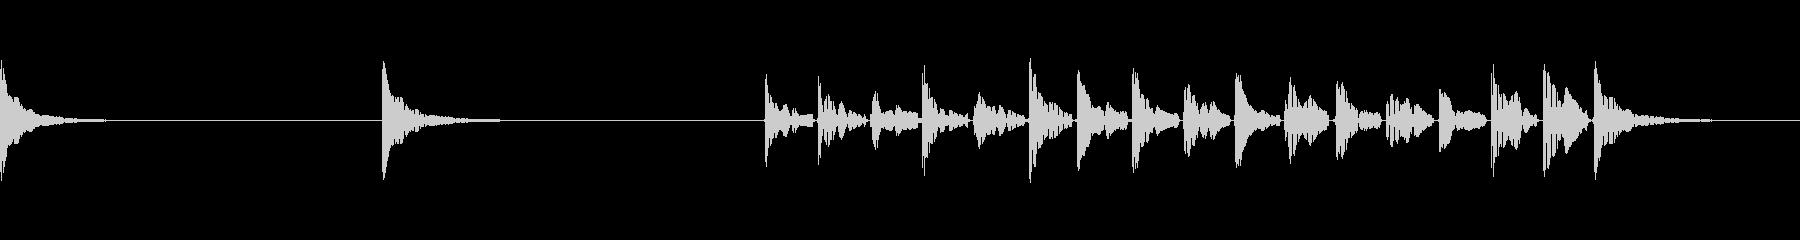 ユダヤ人のハープ、3つのバージョン...の未再生の波形